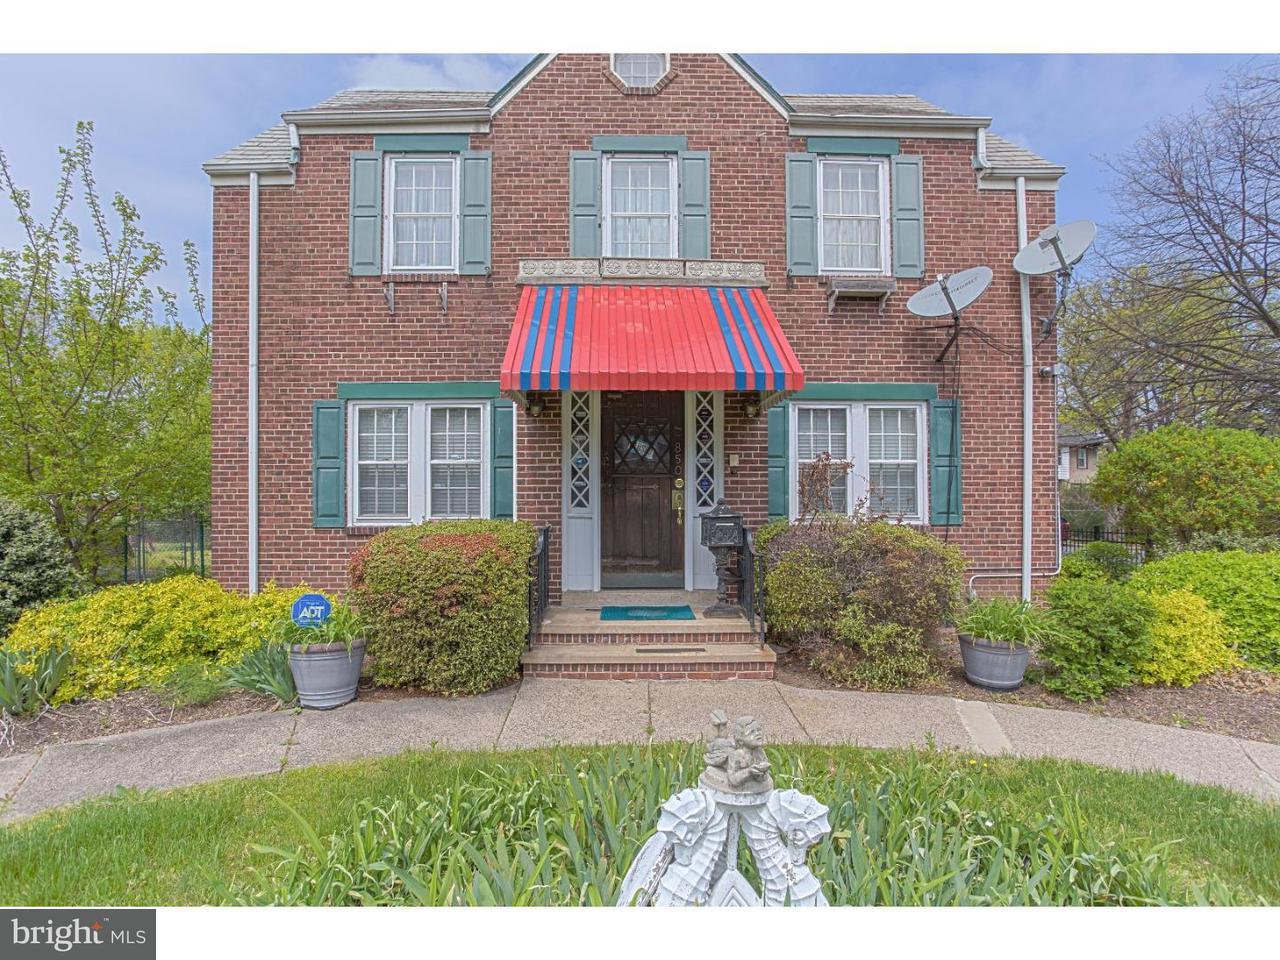 Maison unifamiliale pour l Vente à 850 HAMILTON Avenue Trenton, New Jersey 08629 États-UnisDans/Autour: Trenton City